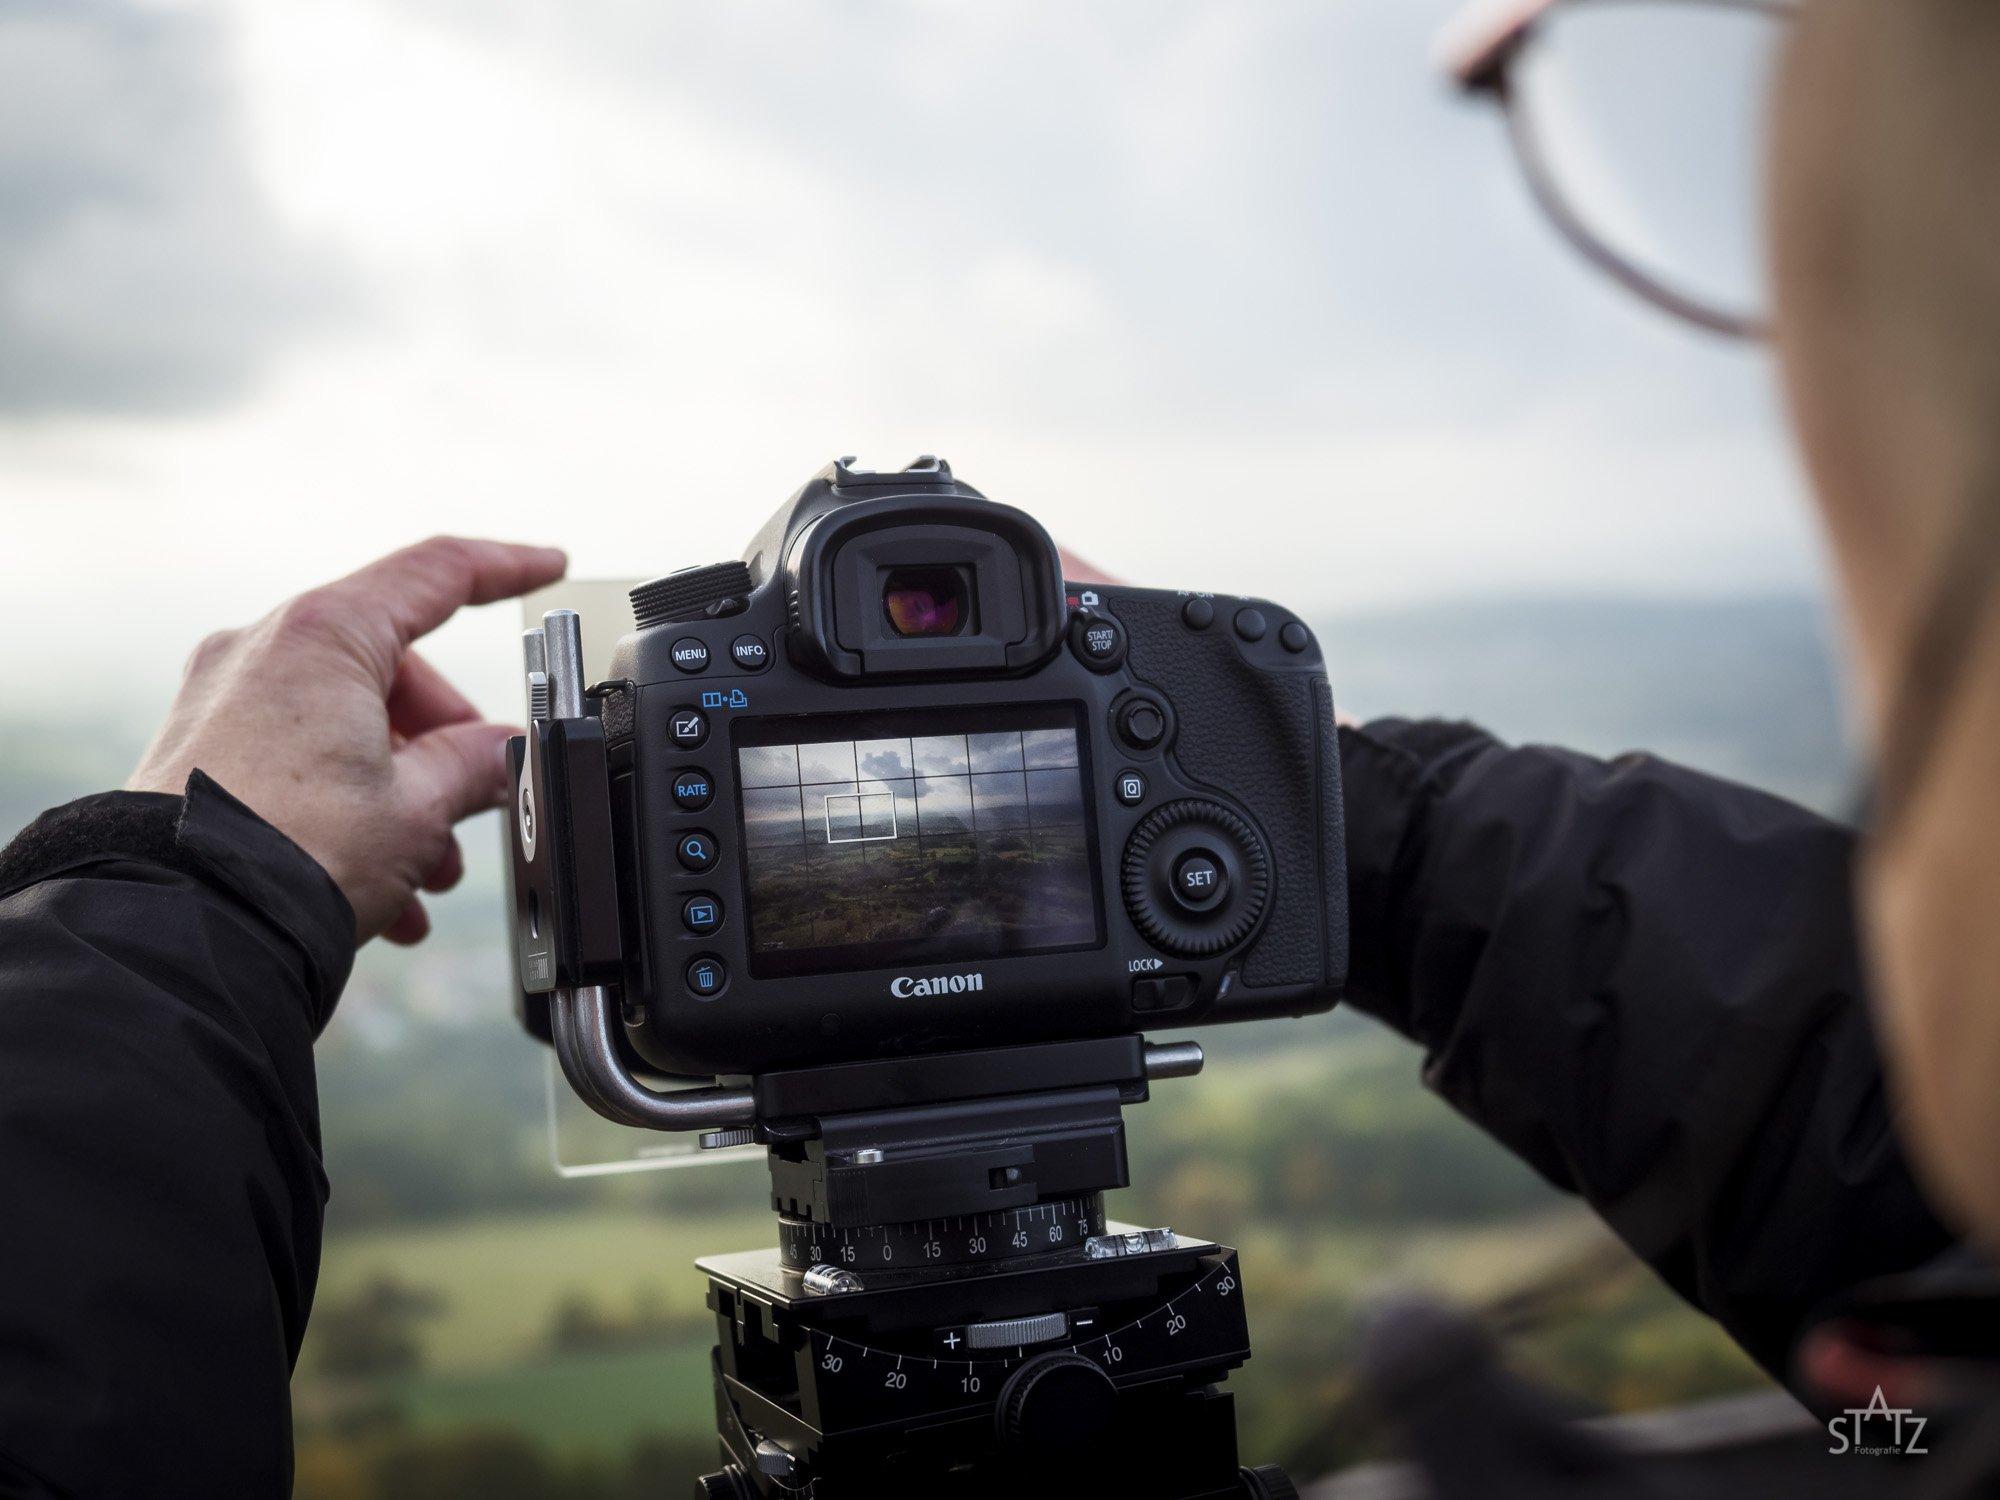 Landschaftsfotografie Filtereinsatz fotogena Akademie Uwe Statz